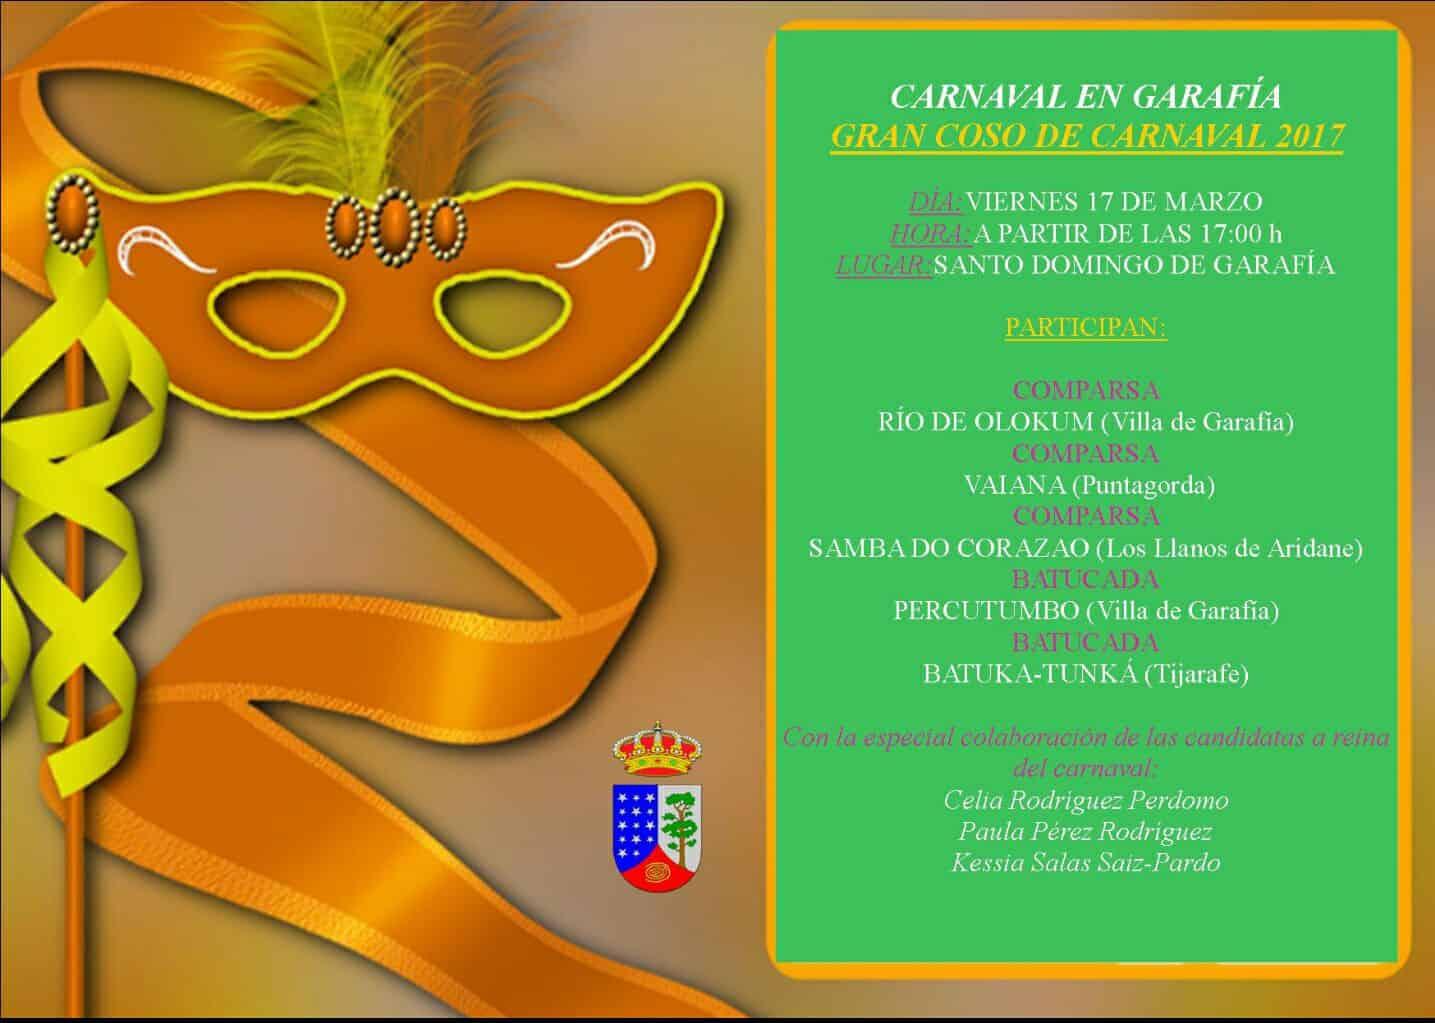 ¡Gran Coso de Carnaval en Garafía!